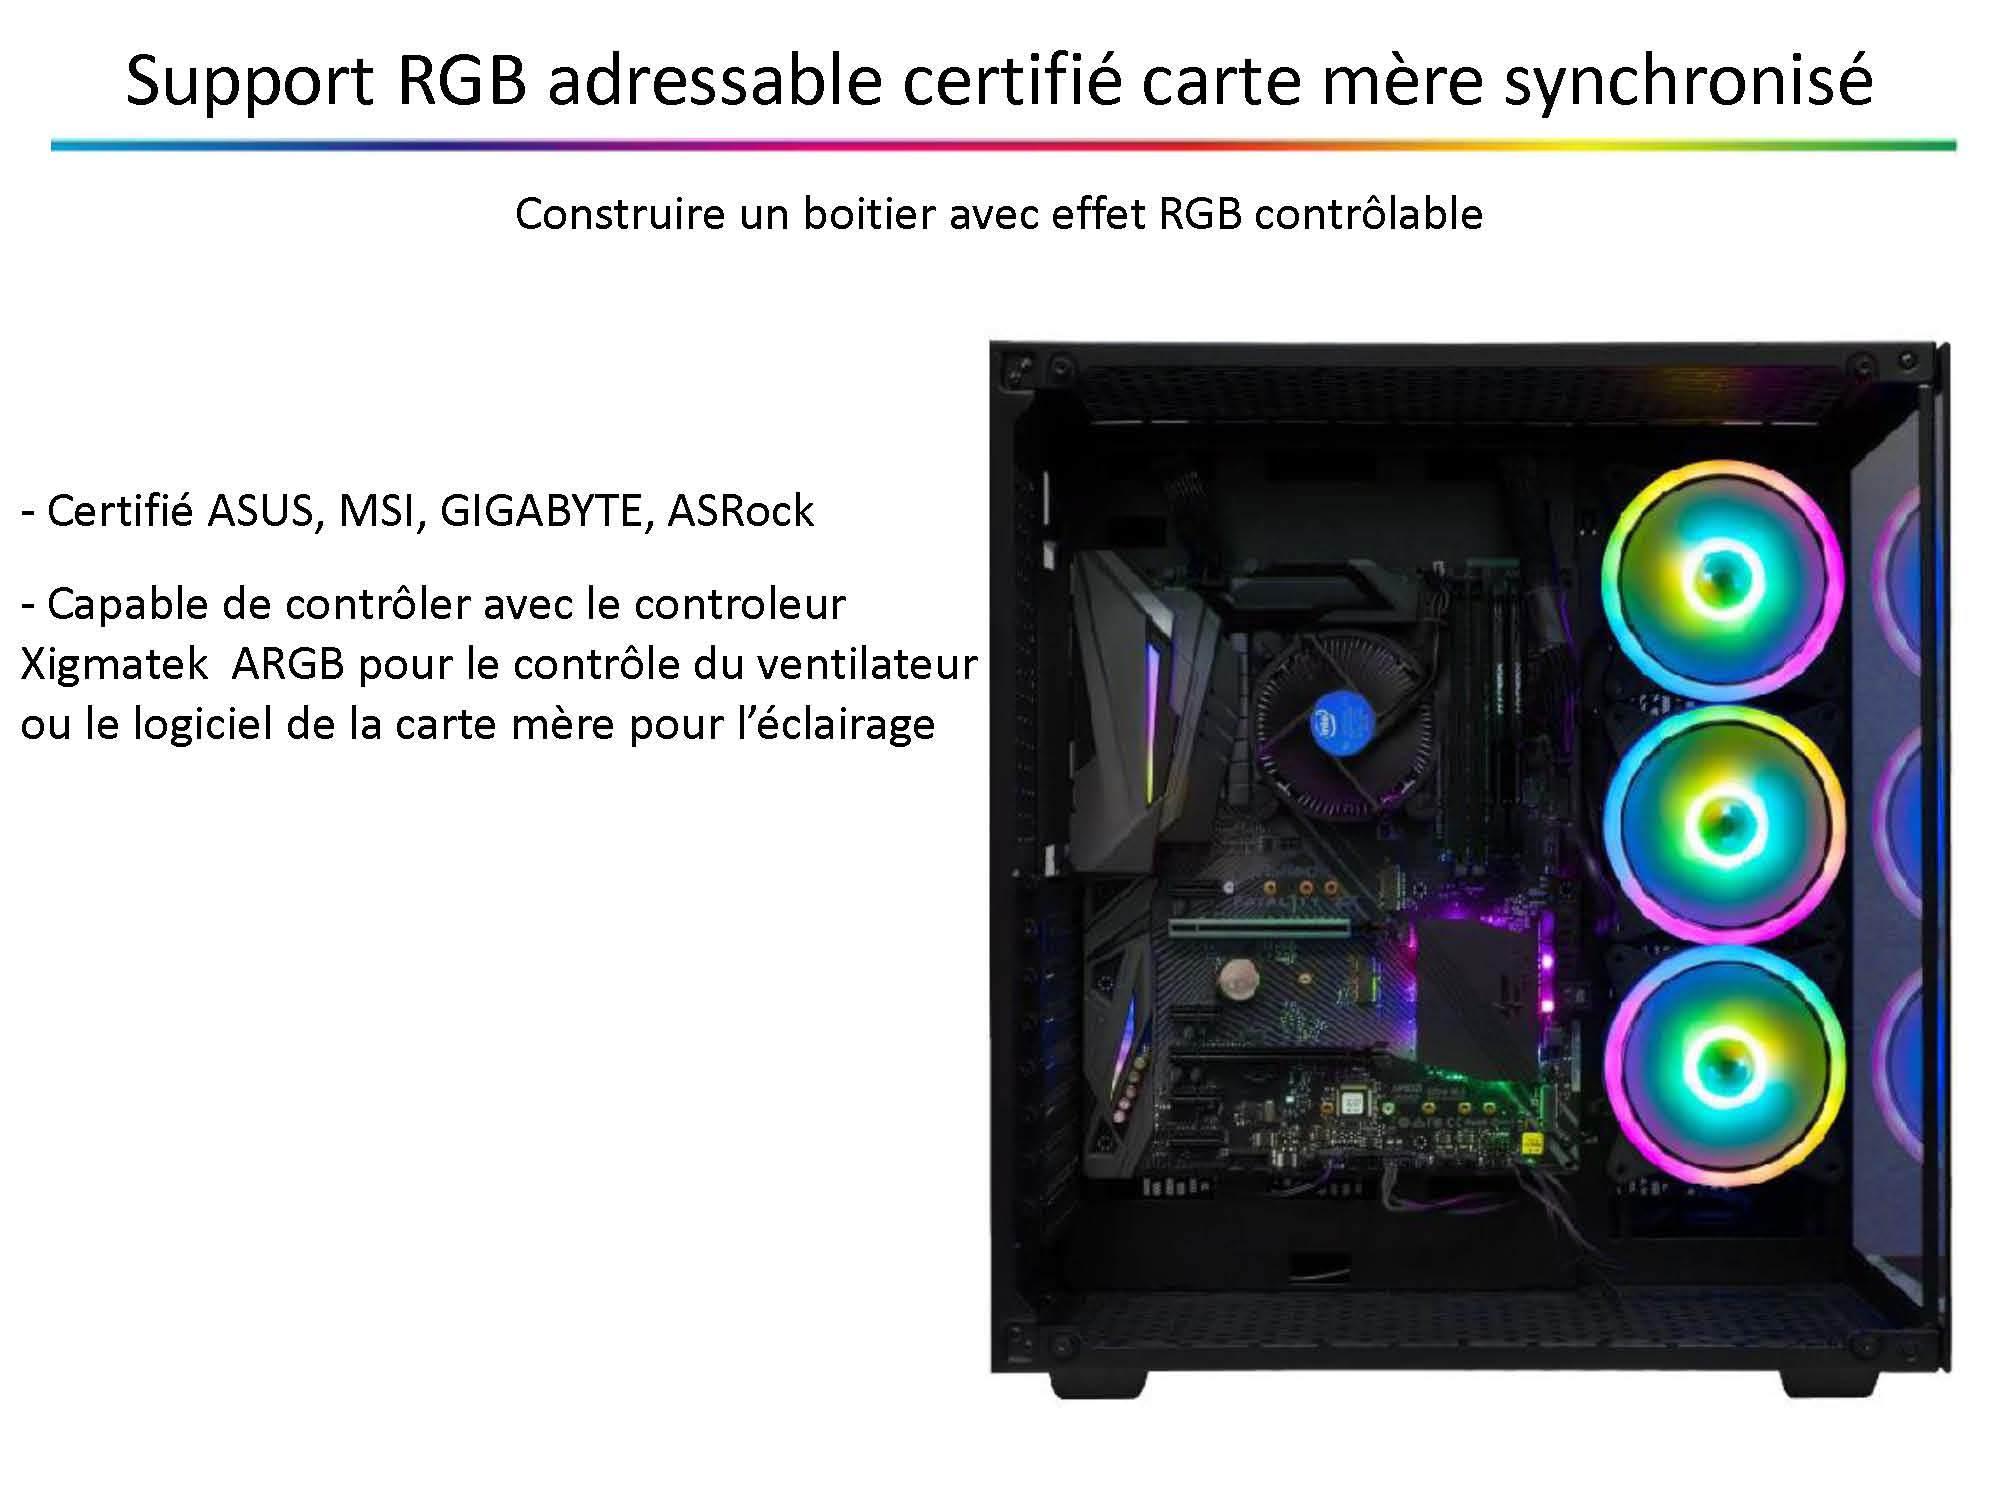 9492385890334.jpg [MS-15481123719086096-0019472149-FR]/Catalogue produits RDC et GM / Online